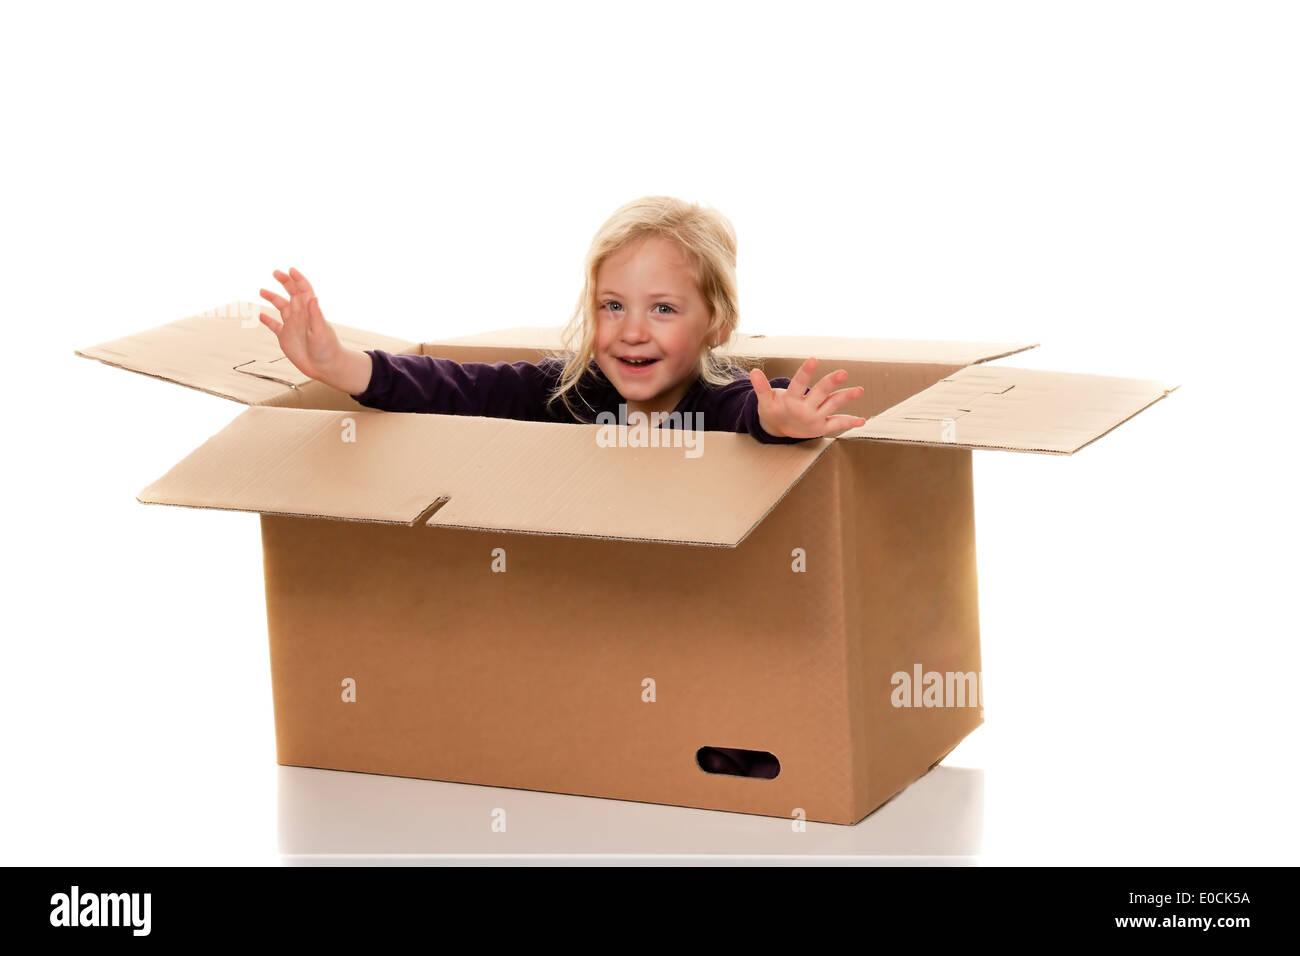 Enfant de déplacer le carton. Se trouve avec le déménagement dans la région de fort., genre en Umzugskarton. 7 Hôtels à Schachtel liegt beim. Banque D'Images